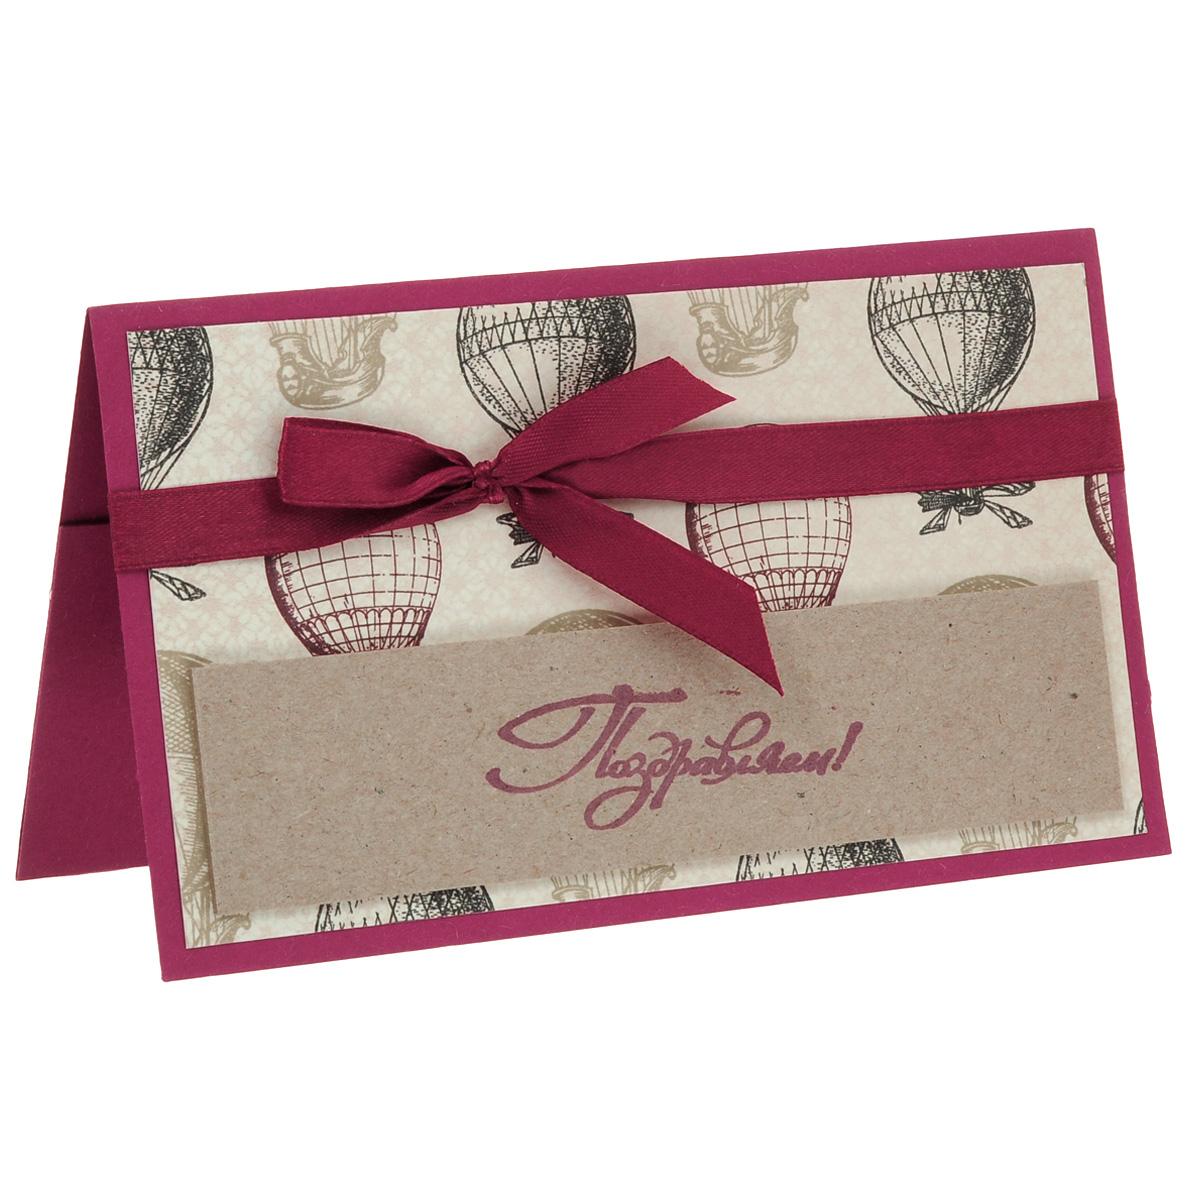 ОМ-0014 Открытка-конверт «Поздравляем!» (воздушные шары). Студия «Тётя Роза»94976Характеристики: Размер 19 см x 11 см.Материал: Высоко-художественный картон, бумага, декор. Данная открытка может стать как прекрасным дополнением к вашему подарку, так и самостоятельным подарком. Так как открытка является и конвертом в который вы можете вложить ваш денежный подарок или просто написать ваши пожелания на вкладыше. Бесконечный полет мечты на воздушном шаре! Именно это поздравление поддерживает тонкую амбициозную идею!Яркая атласная лента и небрежно завязанный бант усиливают эффект восприятия. Также открытка упакована в пакетик для сохранности.Обращаем Ваше внимание на то, что открытка может незначительно отличаться от представленной на фото.Открытки ручной работы от студии Тётя Роза отличаются своим неповторимым и ярким стилем. Каждая уникальна и выполнена вручную мастерами студии. (Открытка для мужчин, открытка для женщины, открытка на день рождения, открытка с днем свадьбы, открытка винтаж, открытка с юбилеем, открытка на все случаи, скрапбукинг)